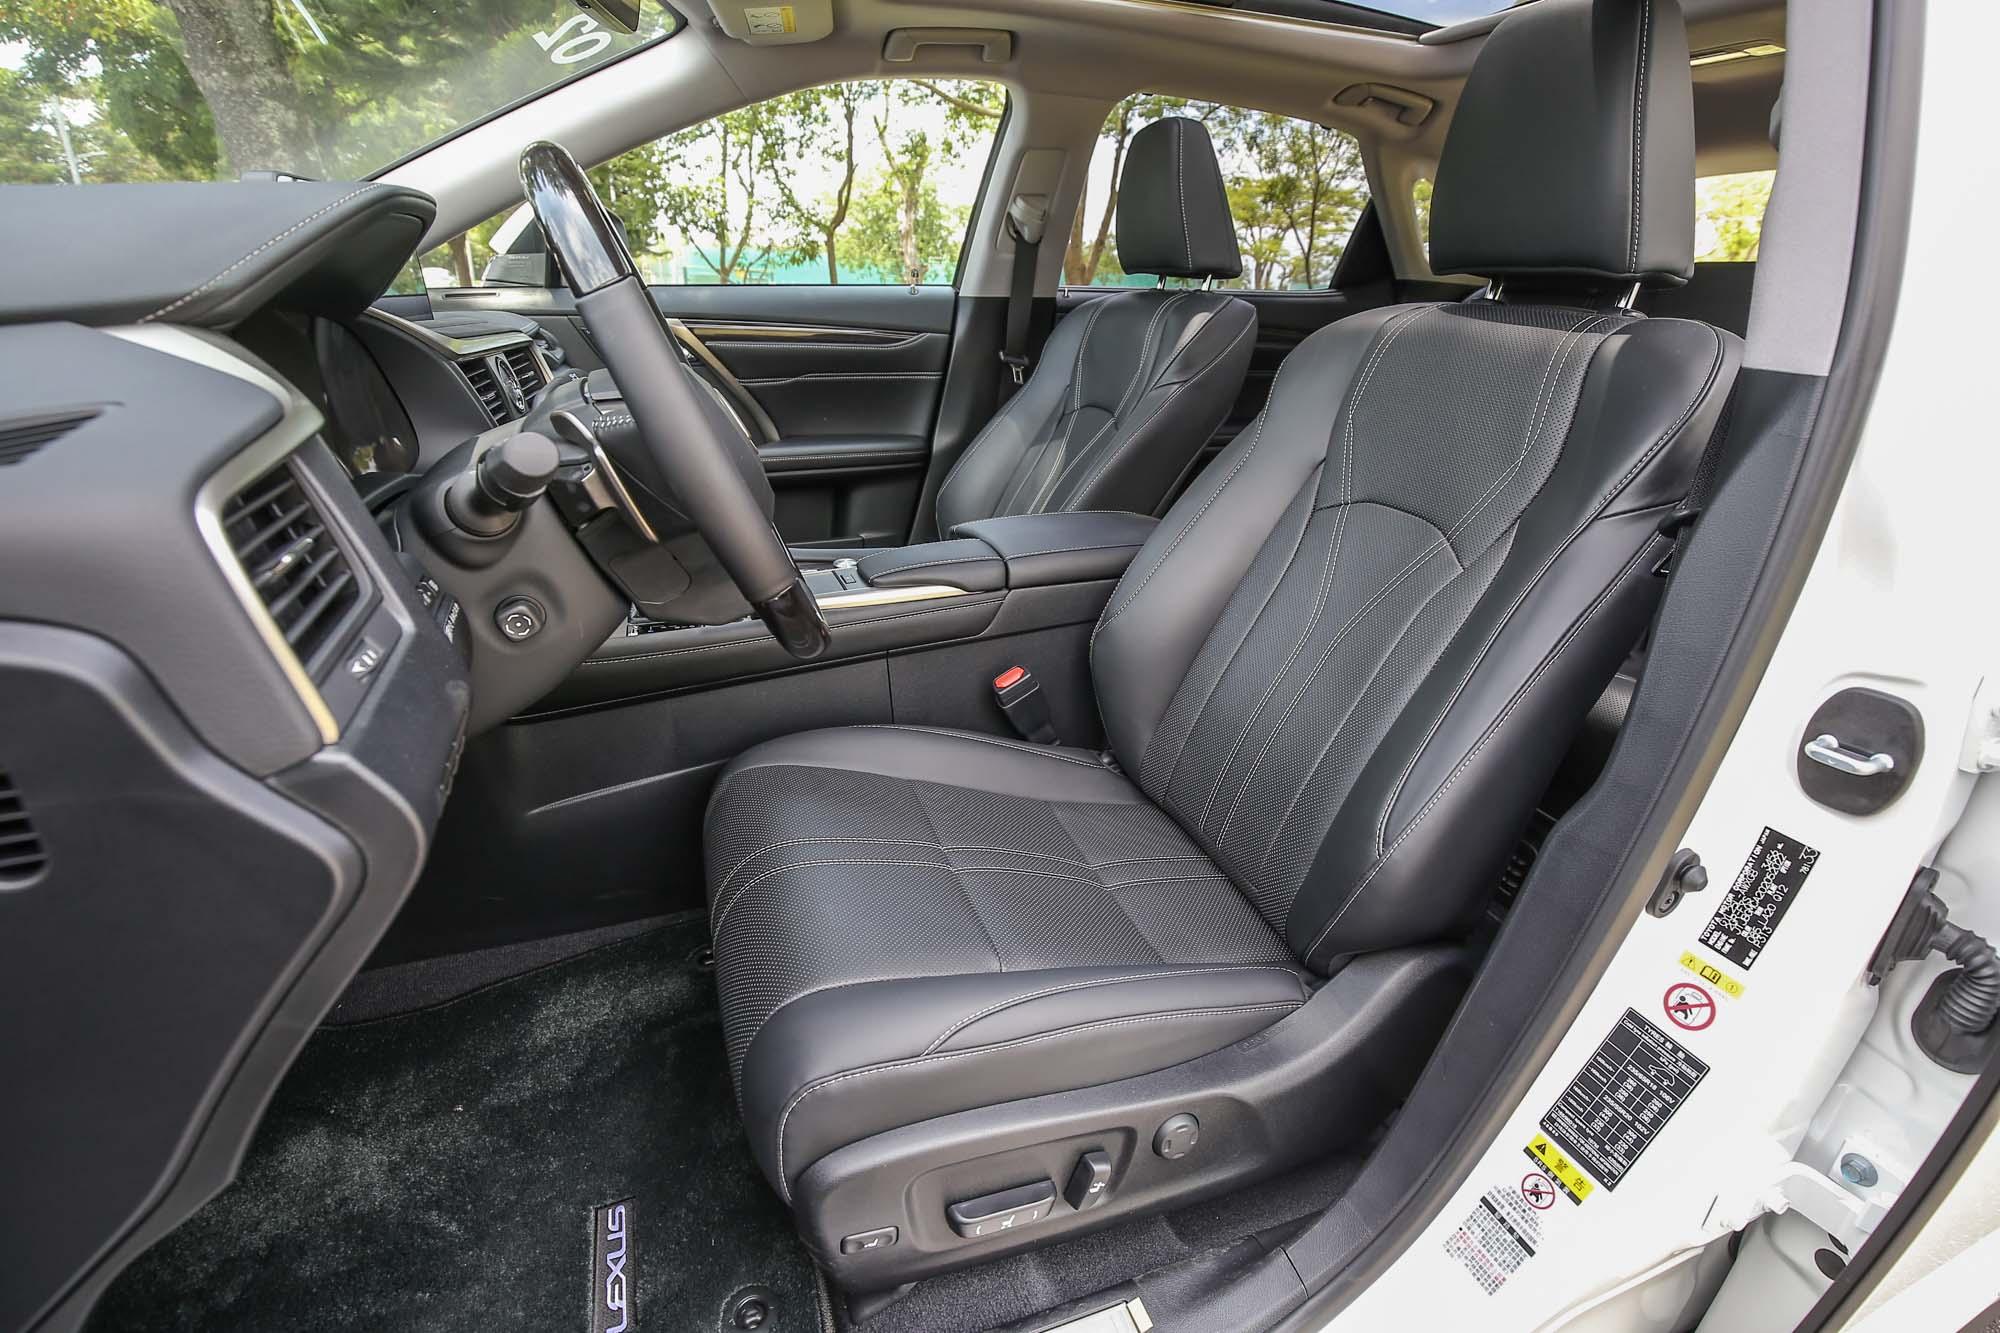 前排椅面的設計較短,腿部支撐力仍有進步空間。